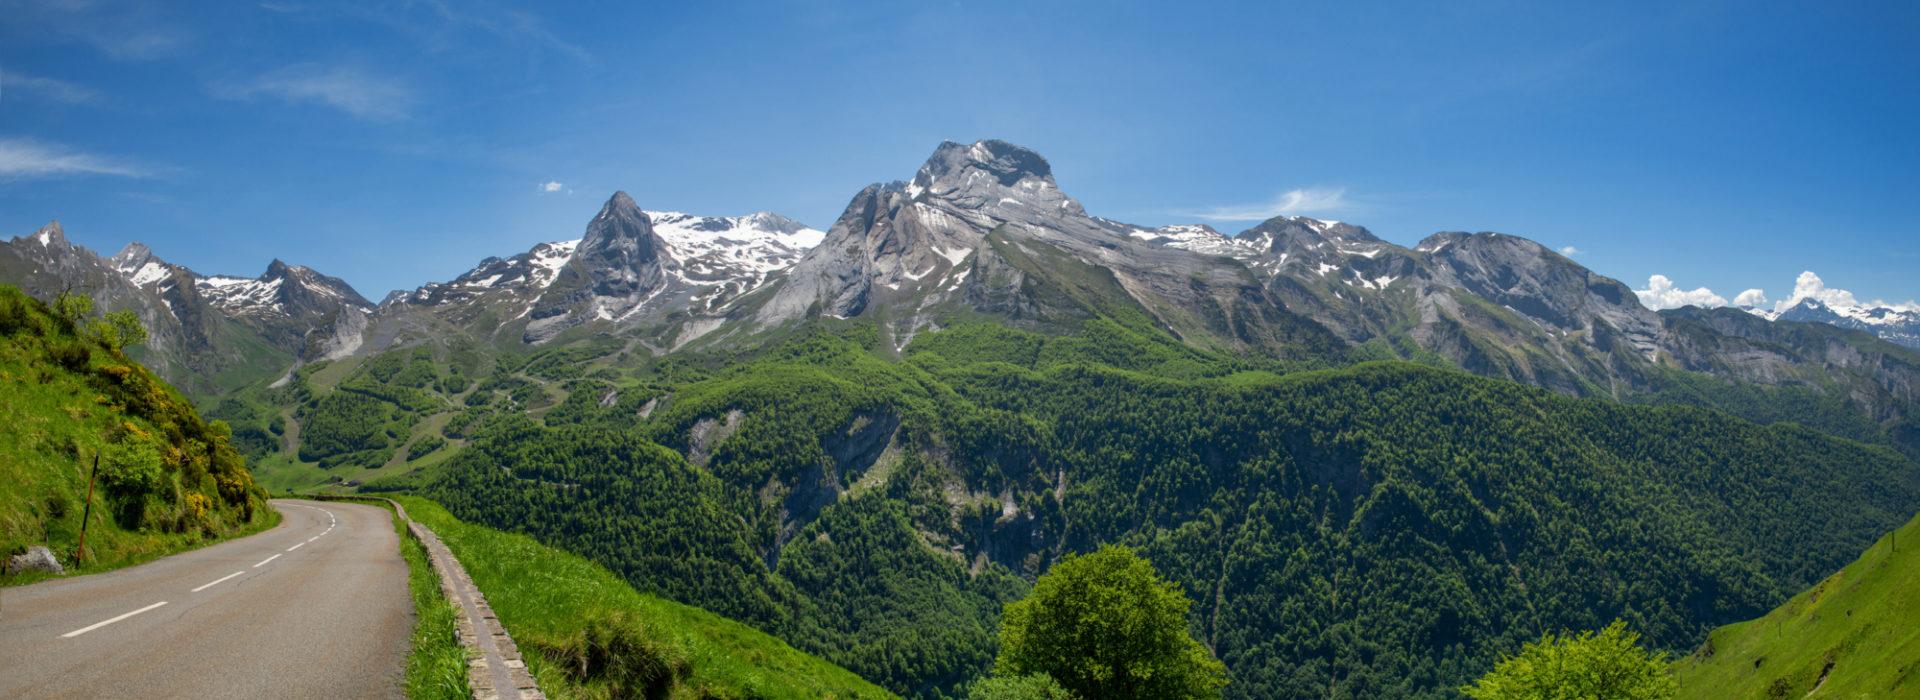 Pyrenees Mountains Motorcycle Tour